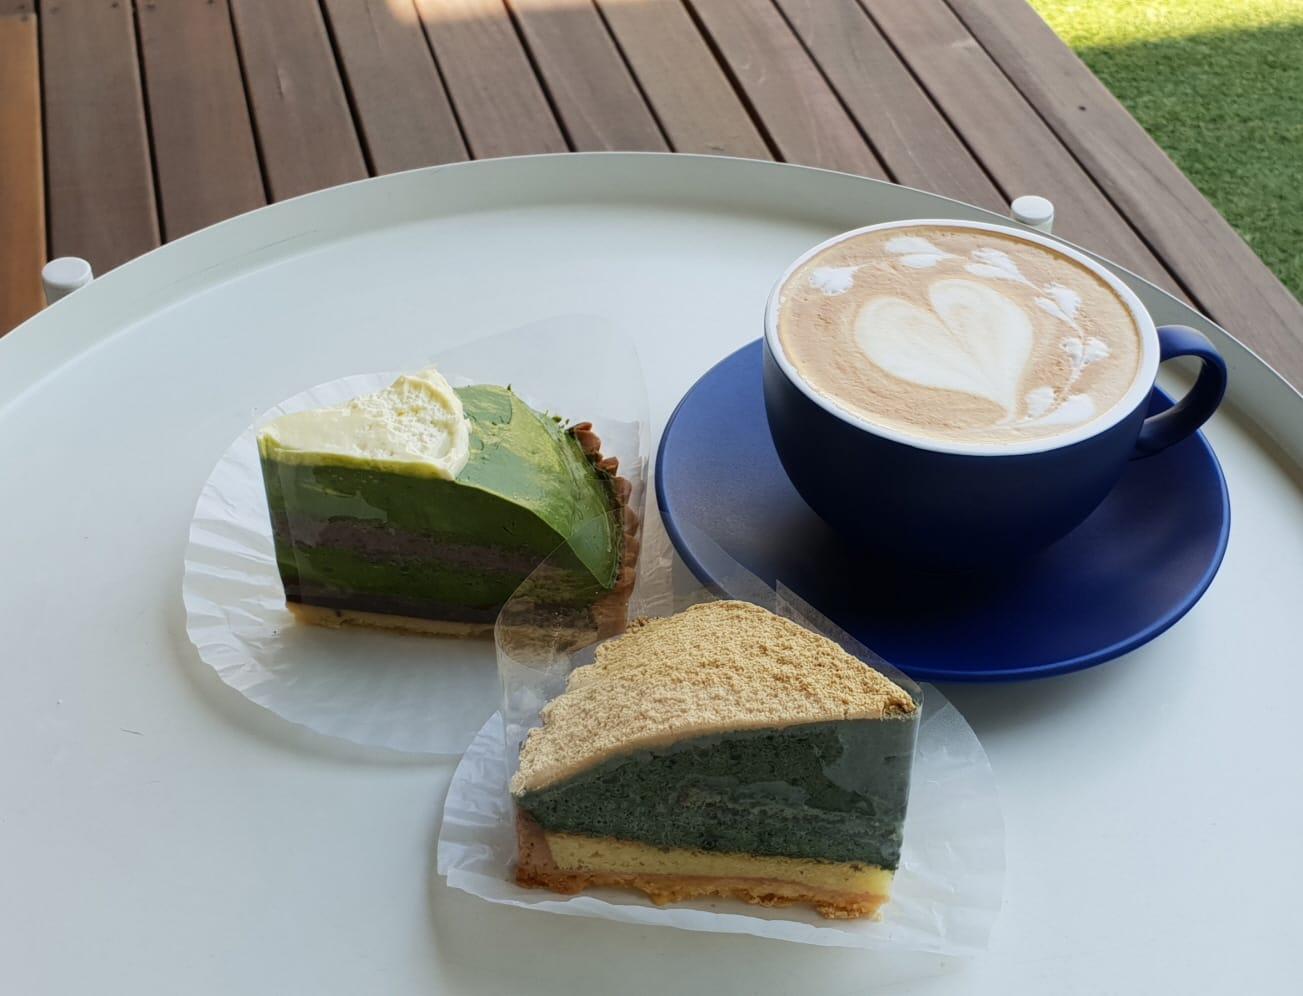 바림케이크 (Barim Cake) 의 쑥호박타르트